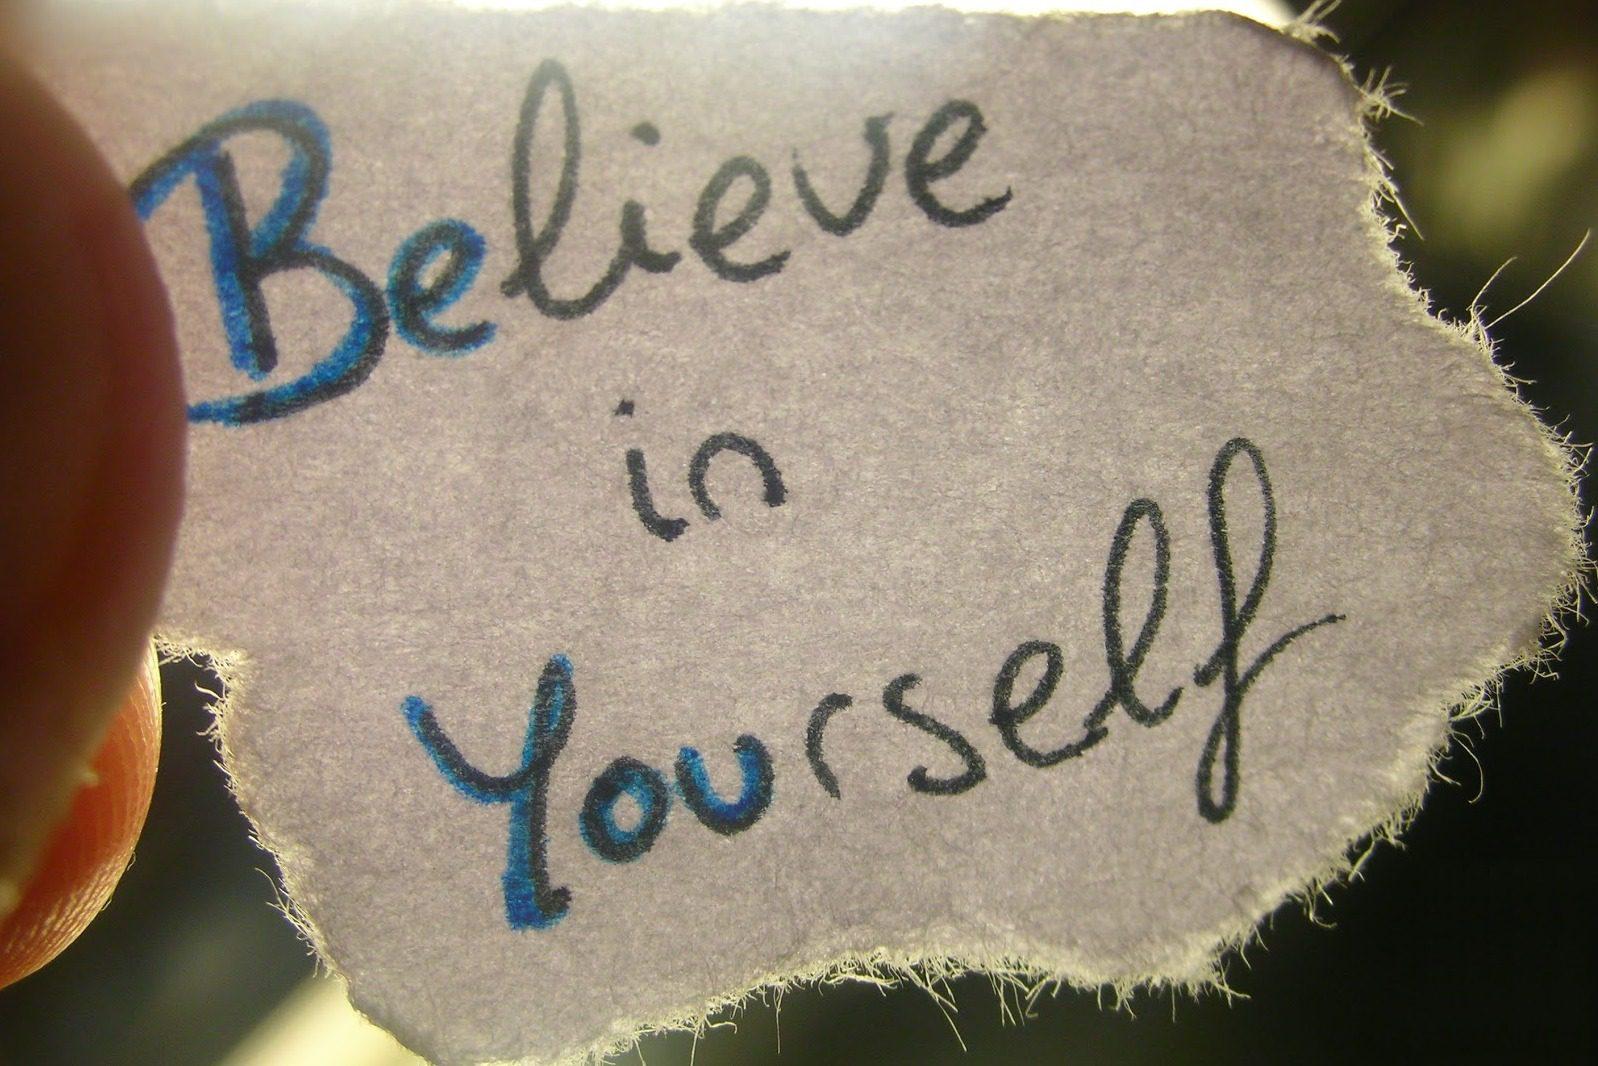 Believe in self essay